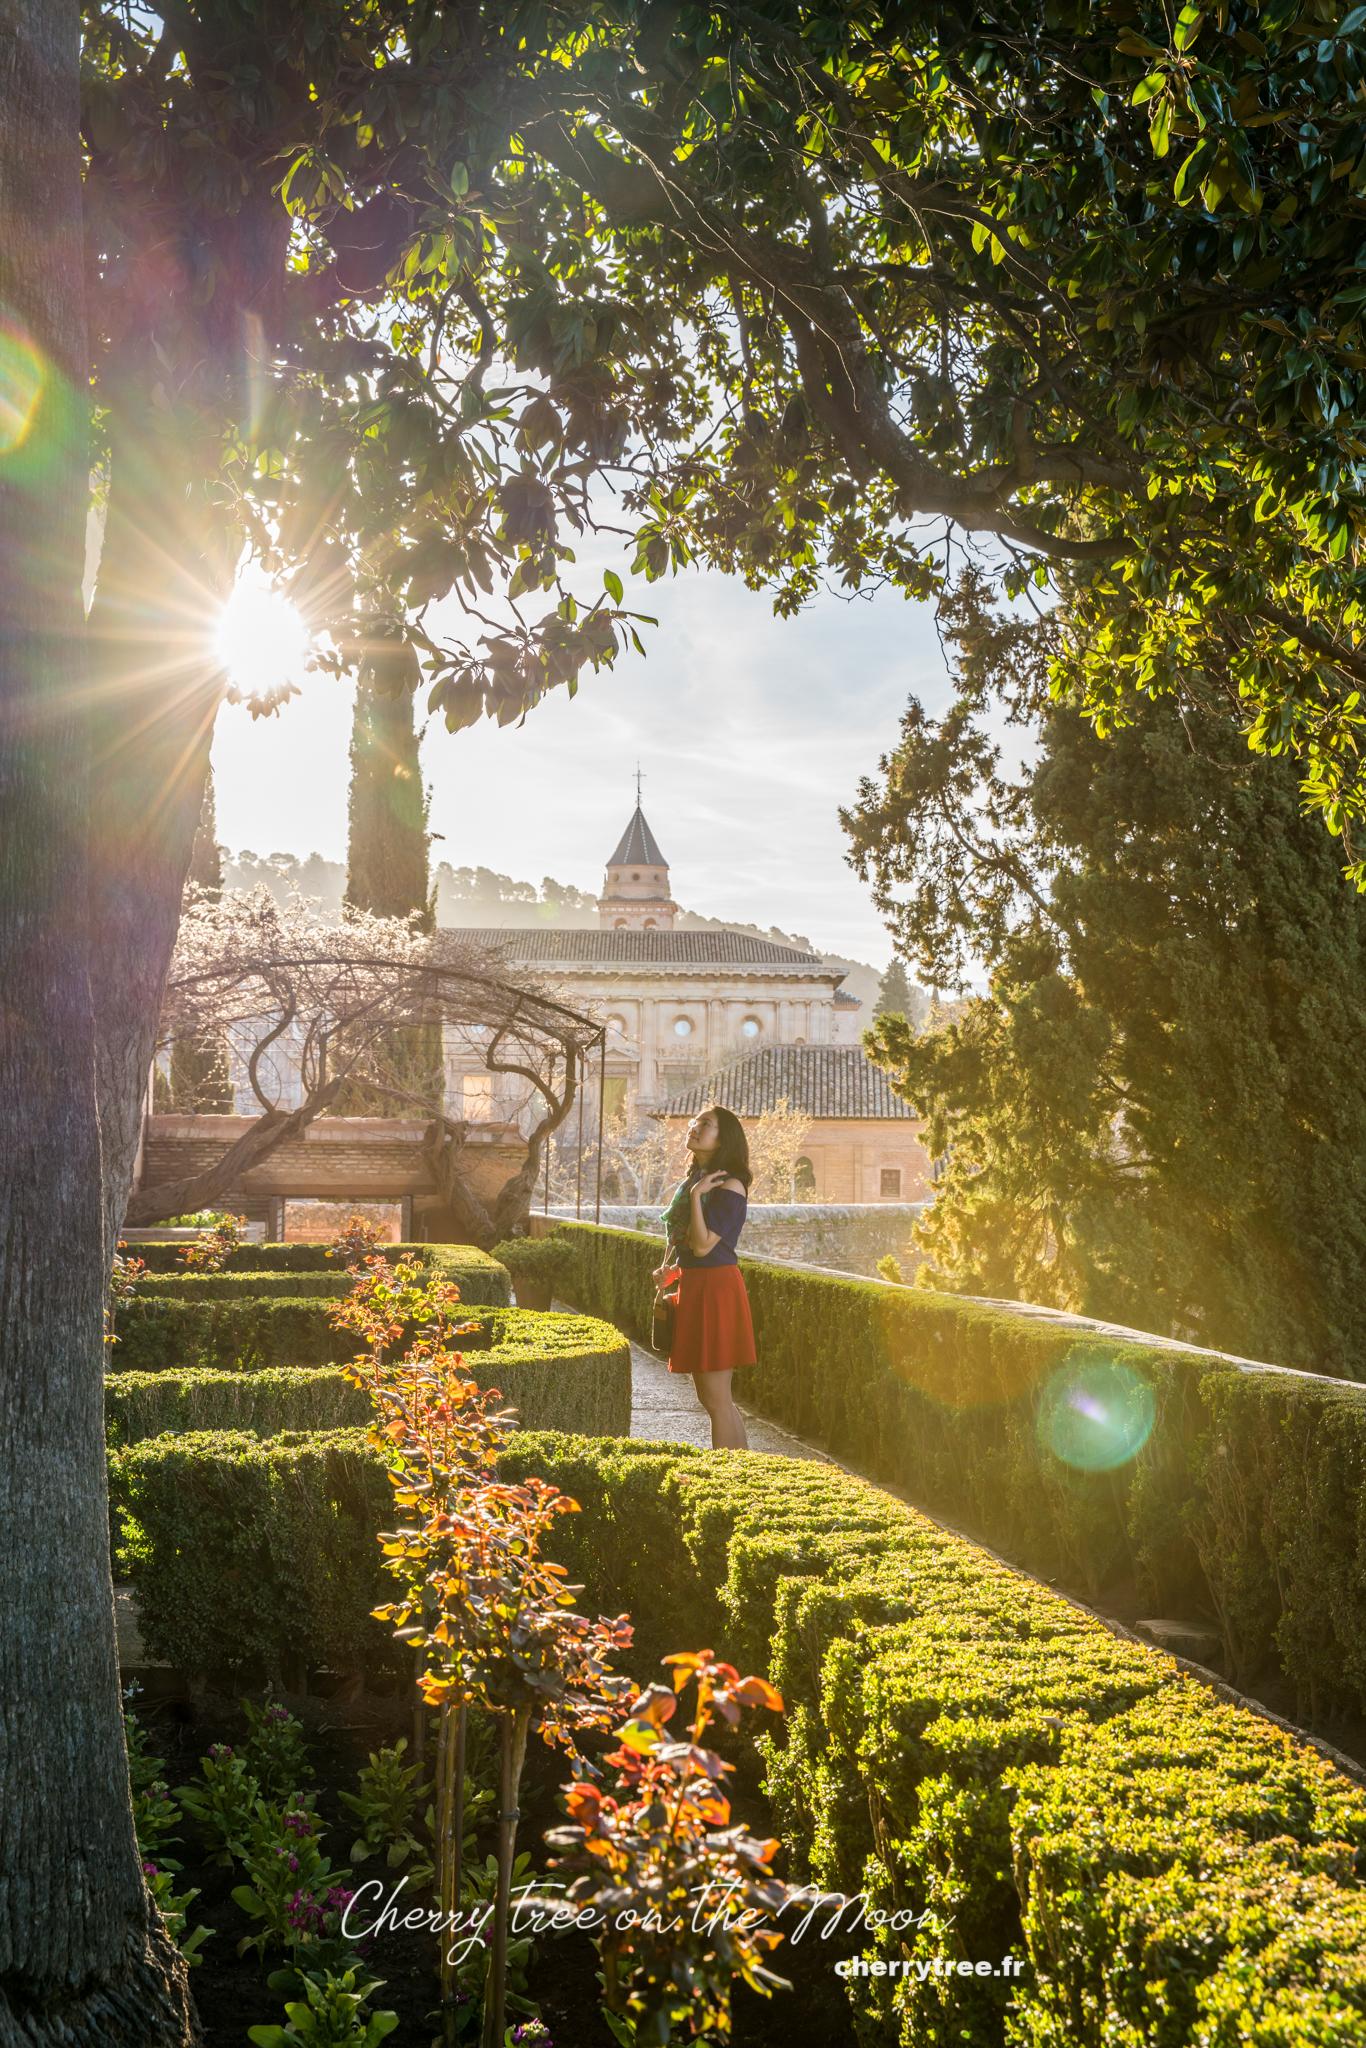 Âm hưởng một khu vườn kiểu Ý